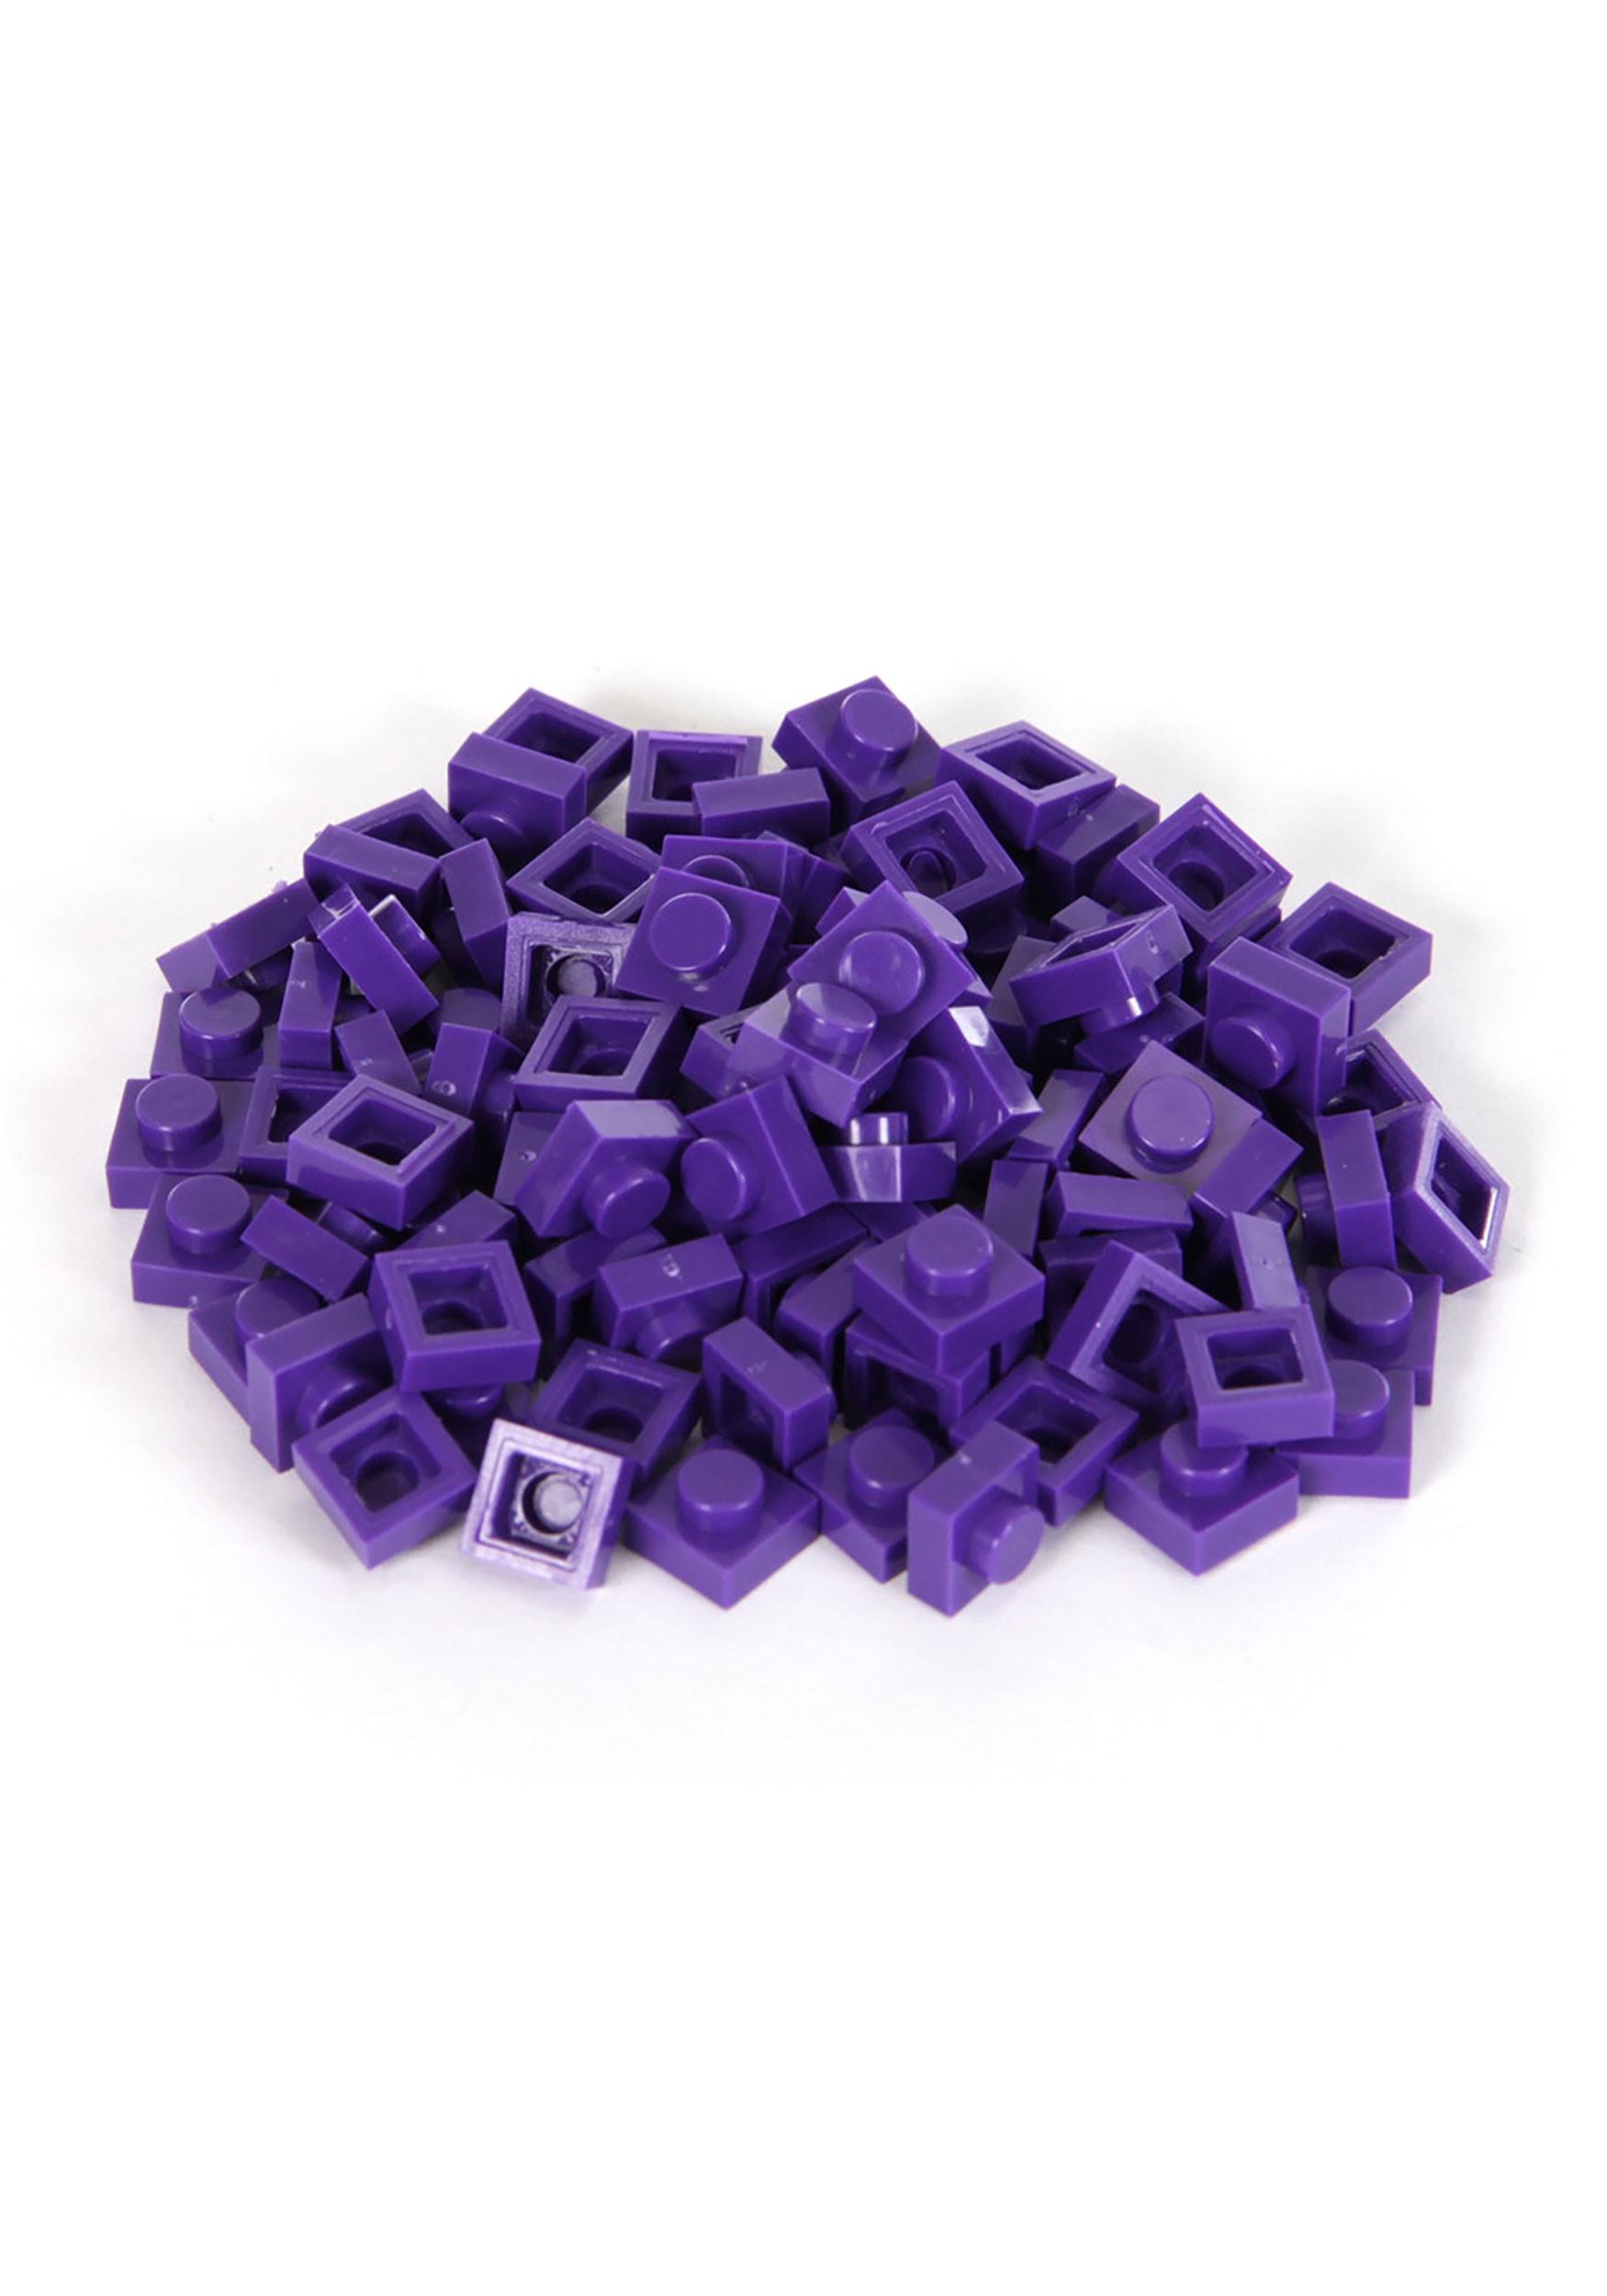 Purple Bricky Blocks 100 Pieces 1x1